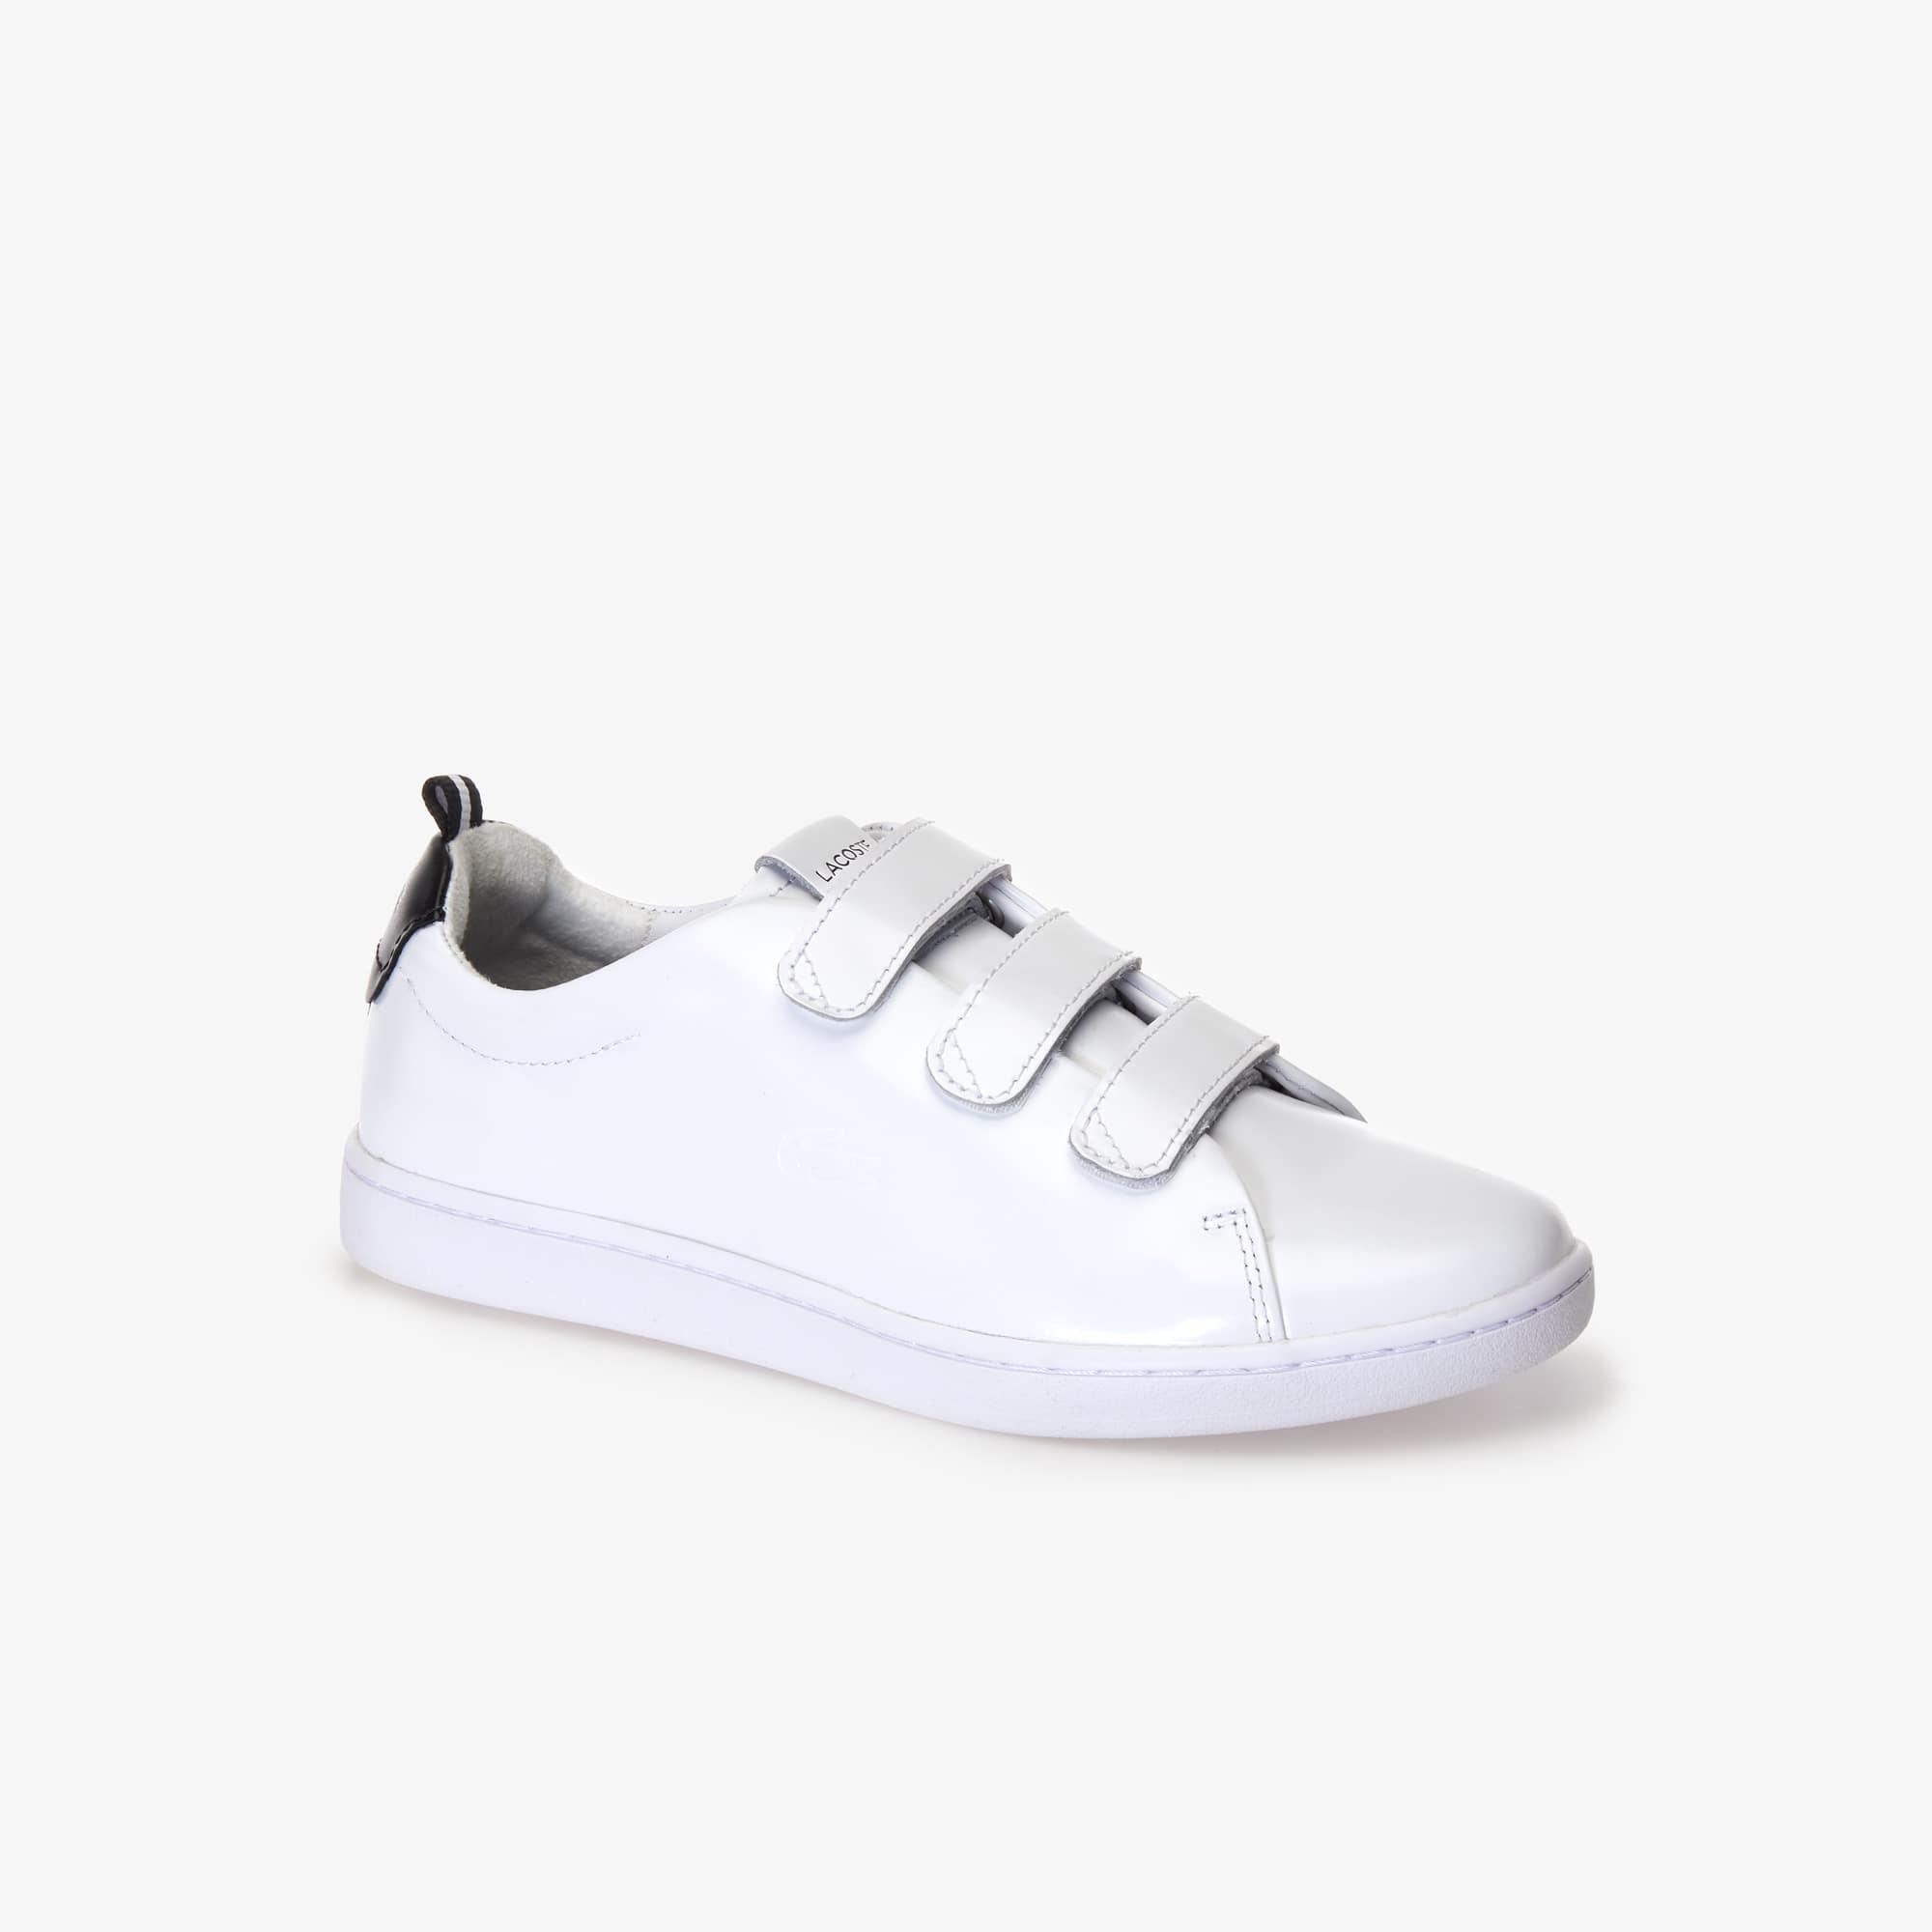 0458d2683 Shoes for Women | Footwear | LACOSTE